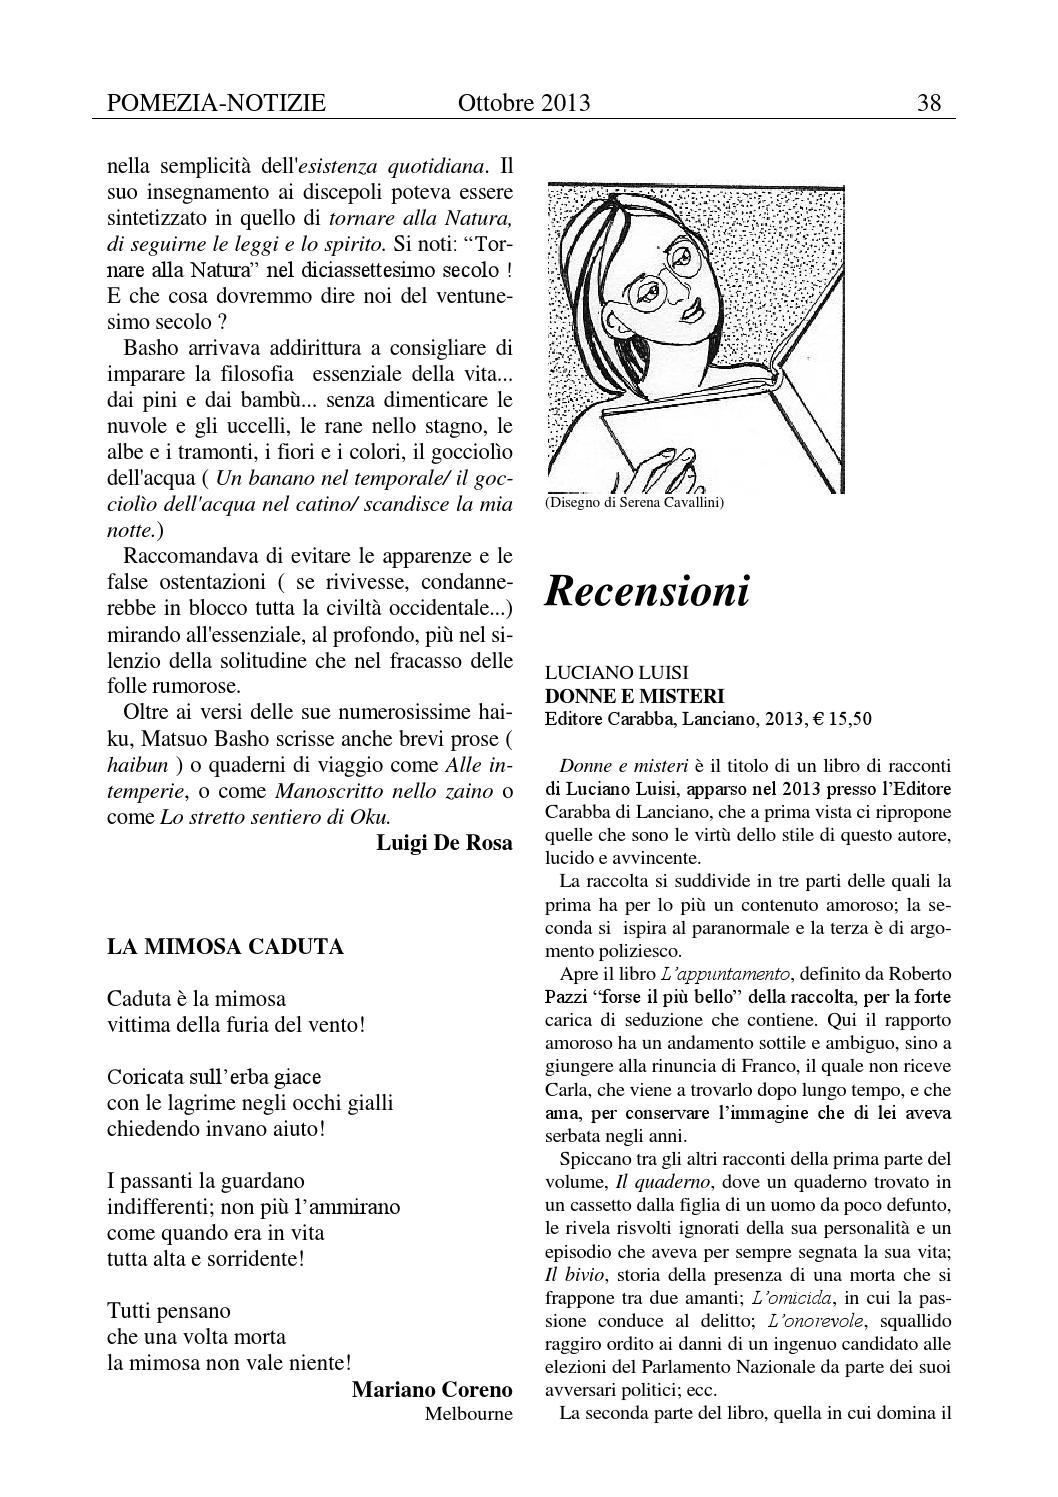 Pomezia By Domenico 201310 Issuu Notizie 3AjLR45